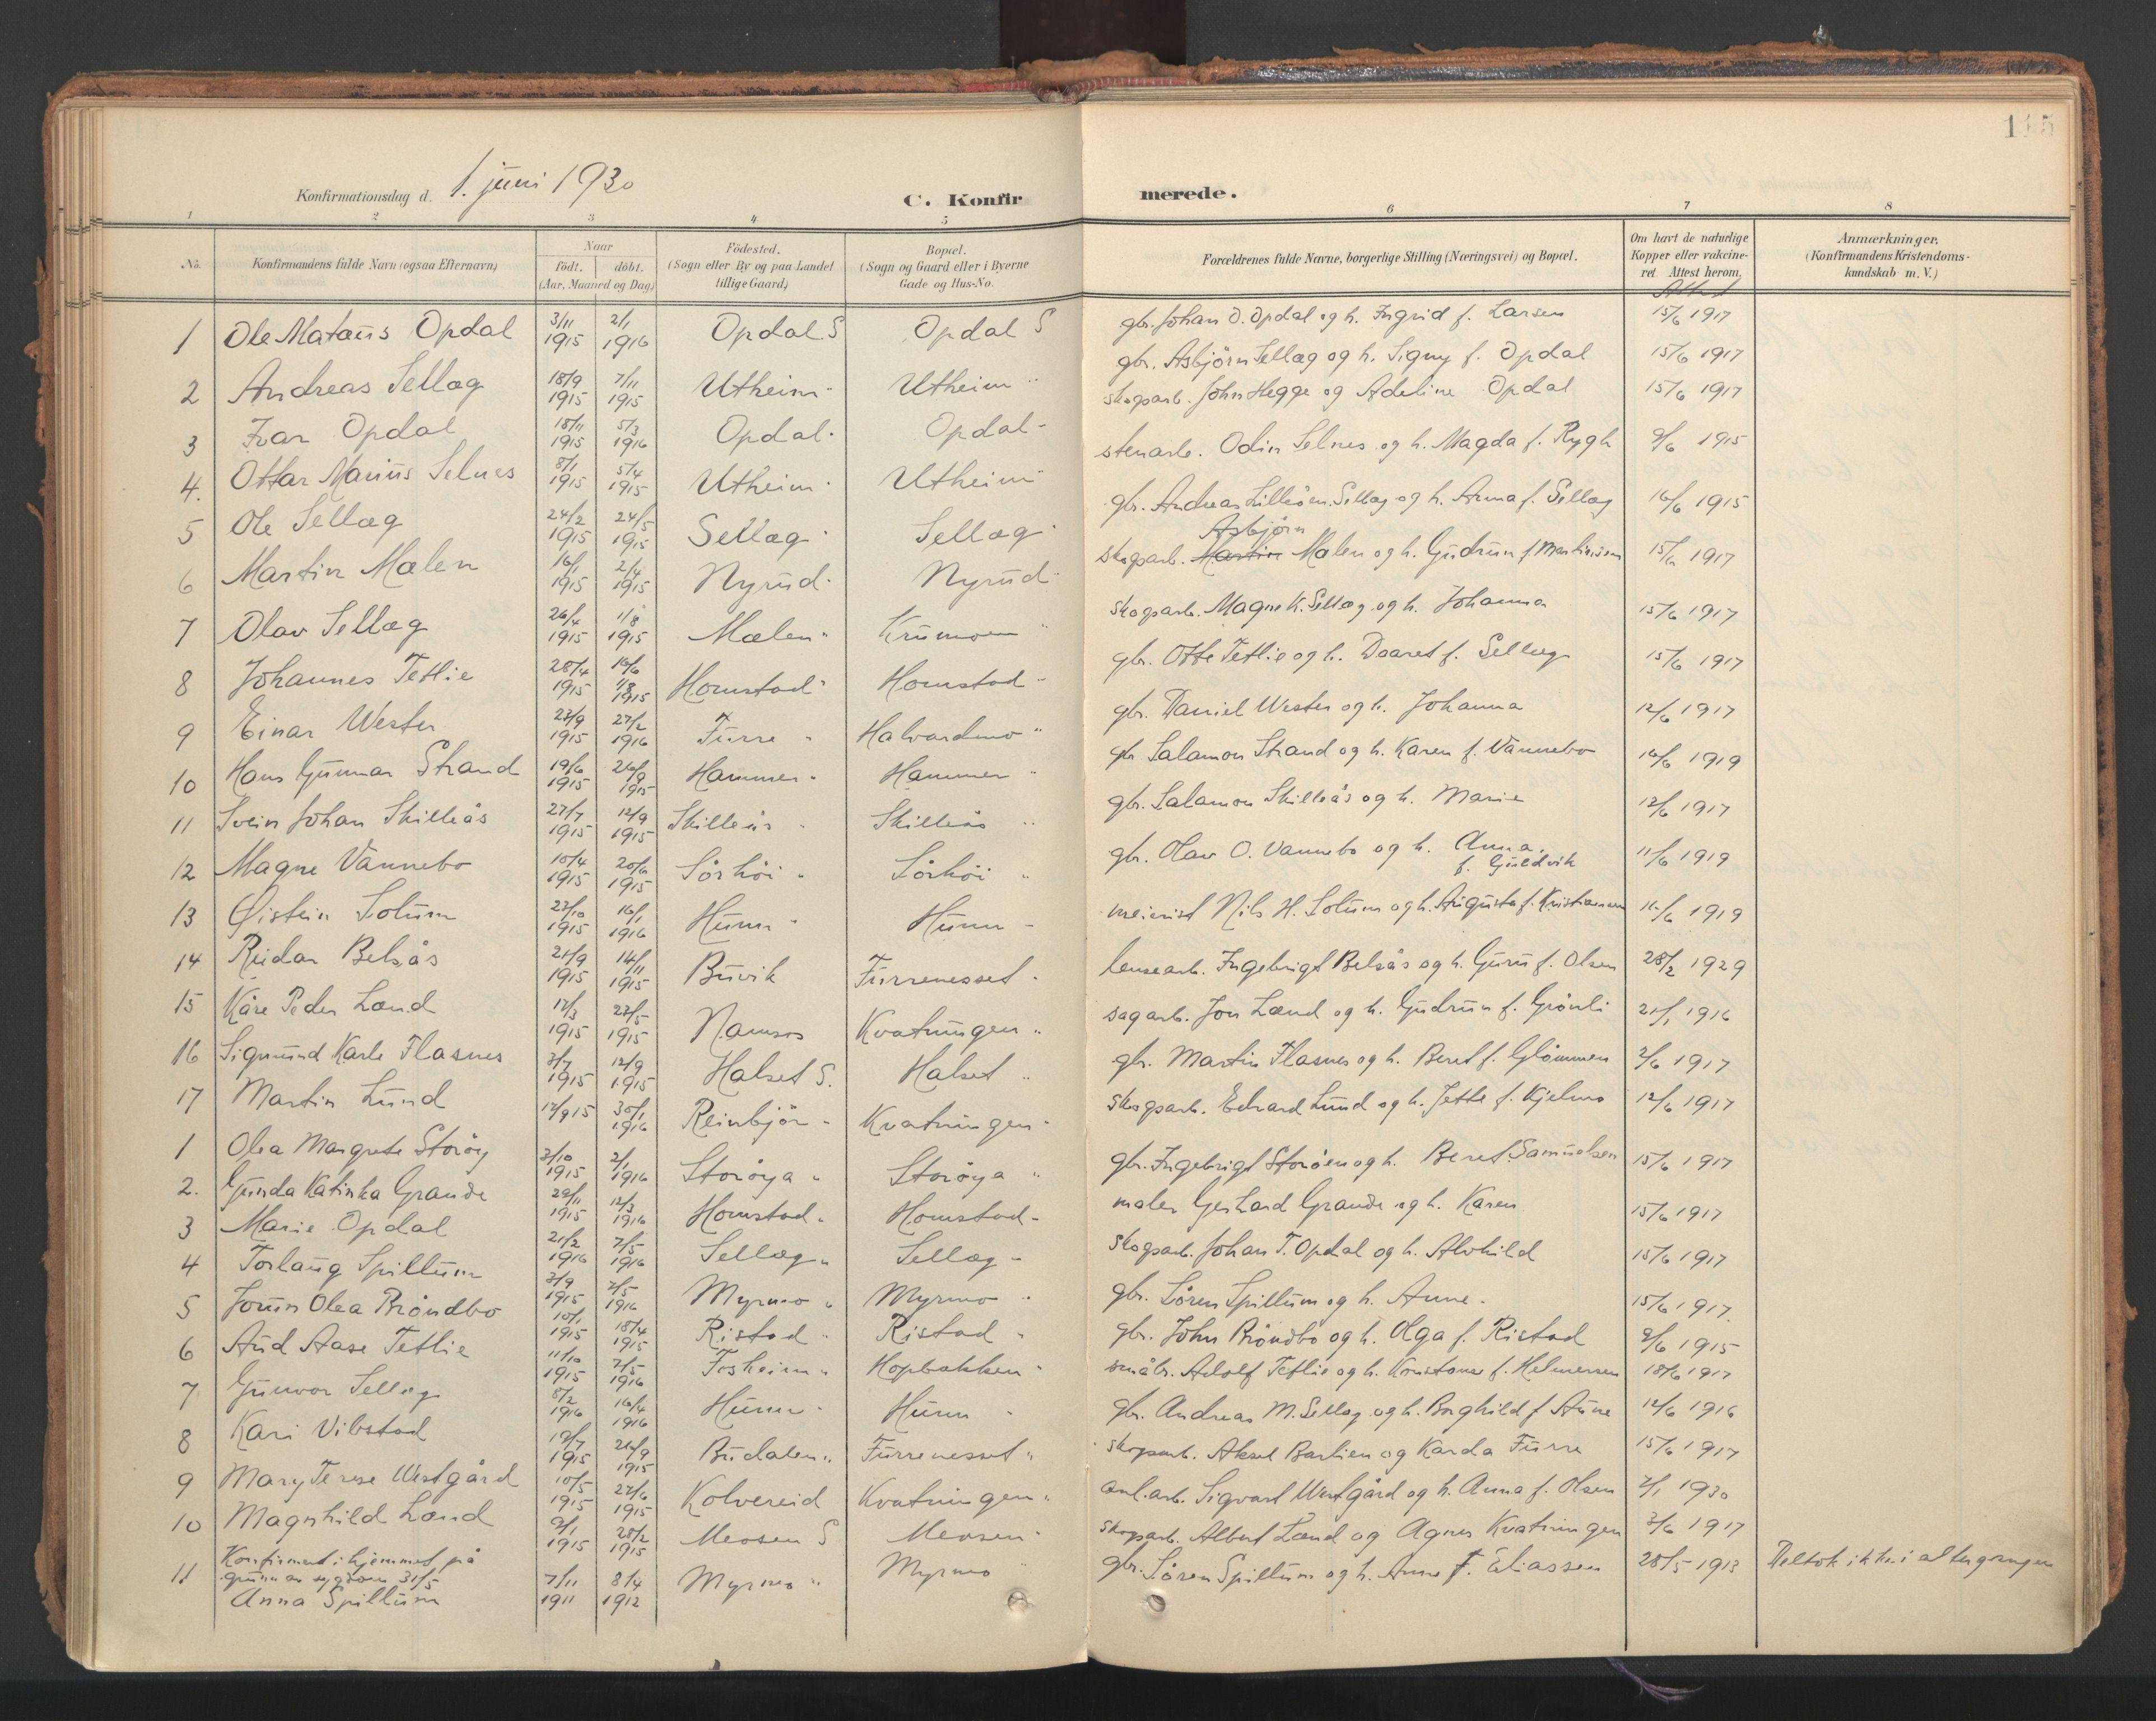 SAT, Ministerialprotokoller, klokkerbøker og fødselsregistre - Nord-Trøndelag, 766/L0564: Ministerialbok nr. 767A02, 1900-1932, s. 115